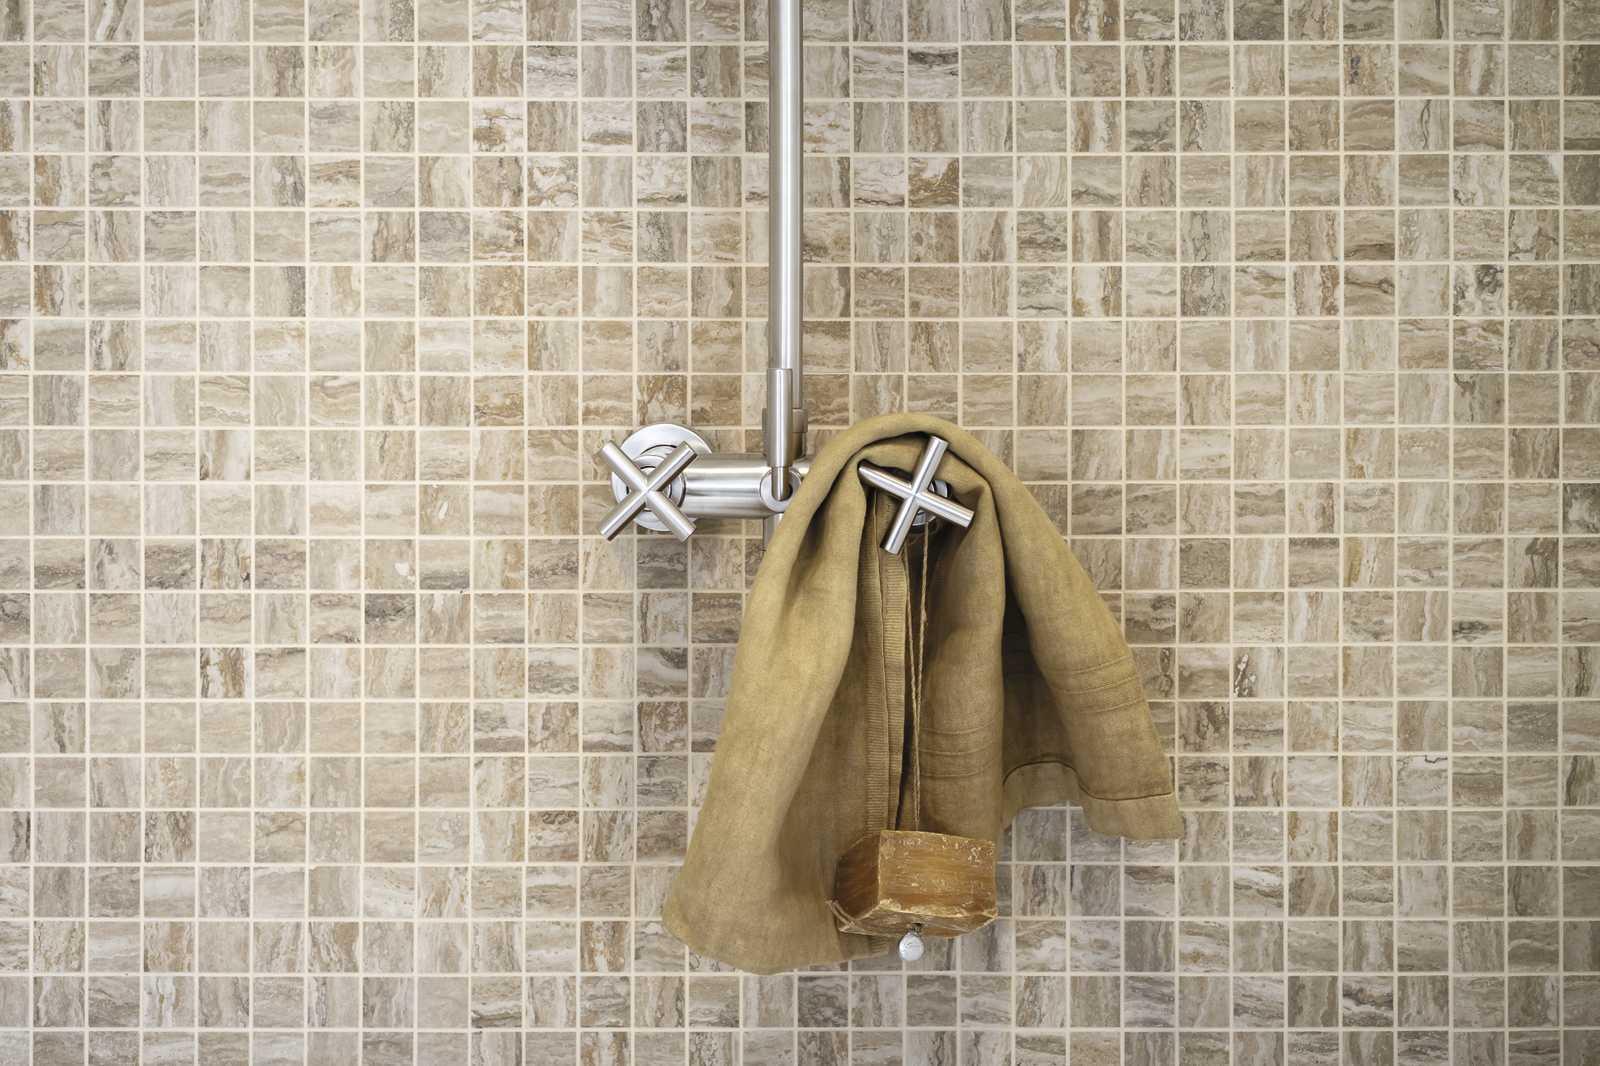 Piastrelle mosaico beige il rivestimento bagno opaco e lucido wave